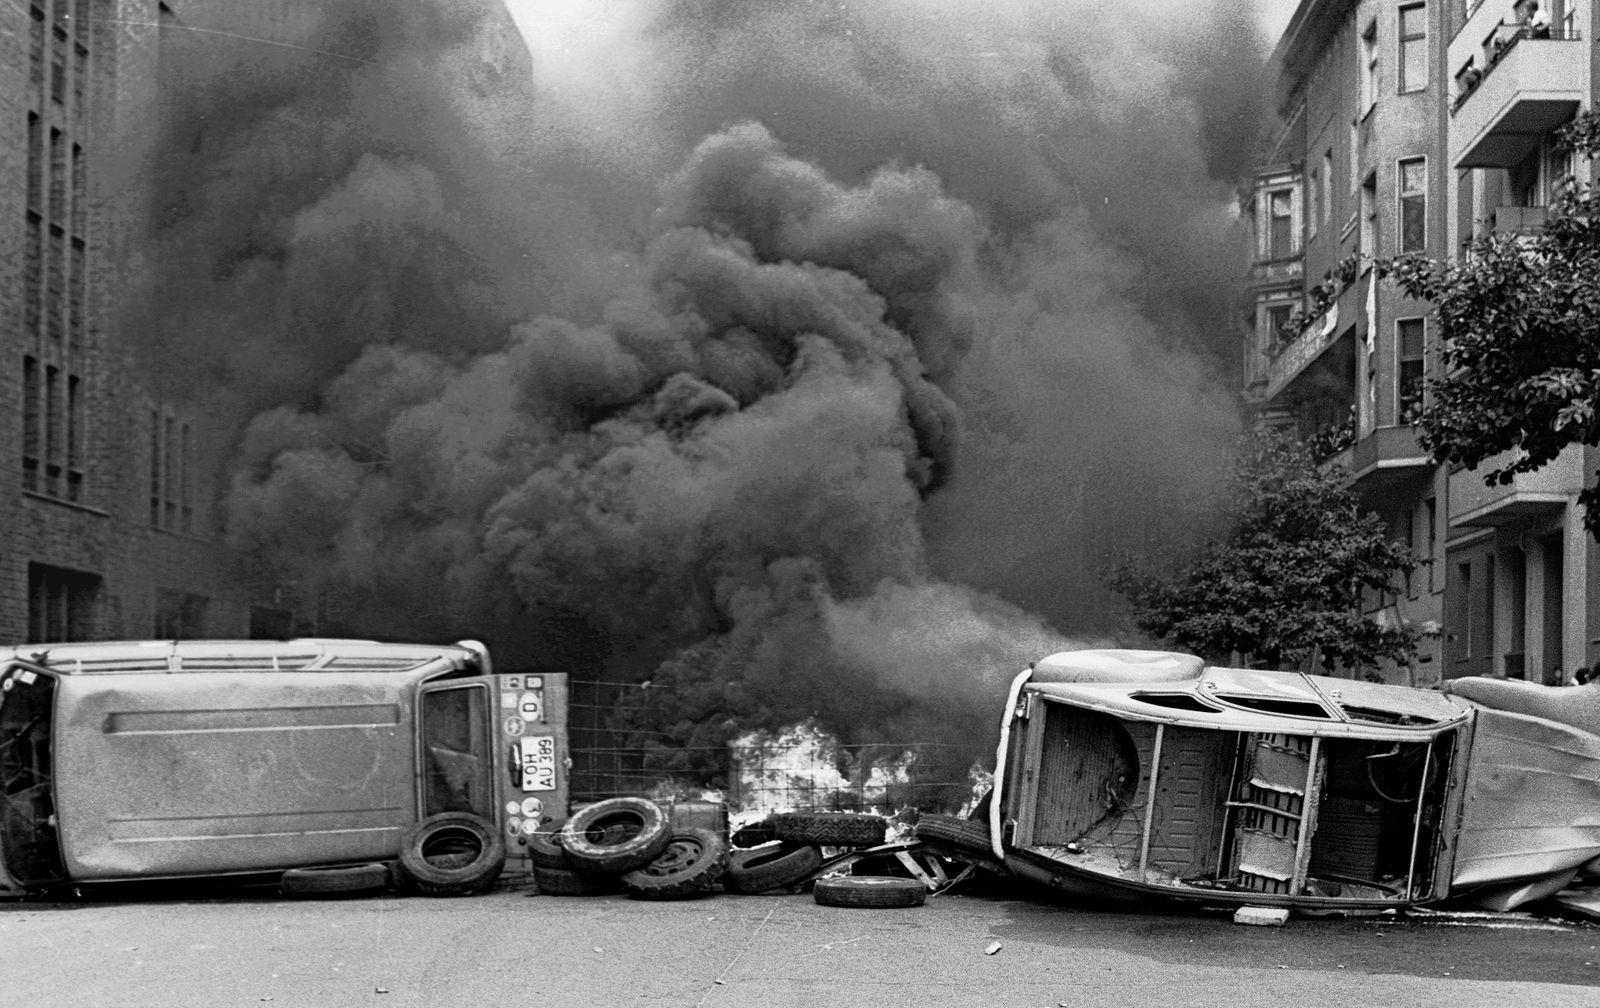 Berlin (West) - Barrikade in Schoeneberg 1981